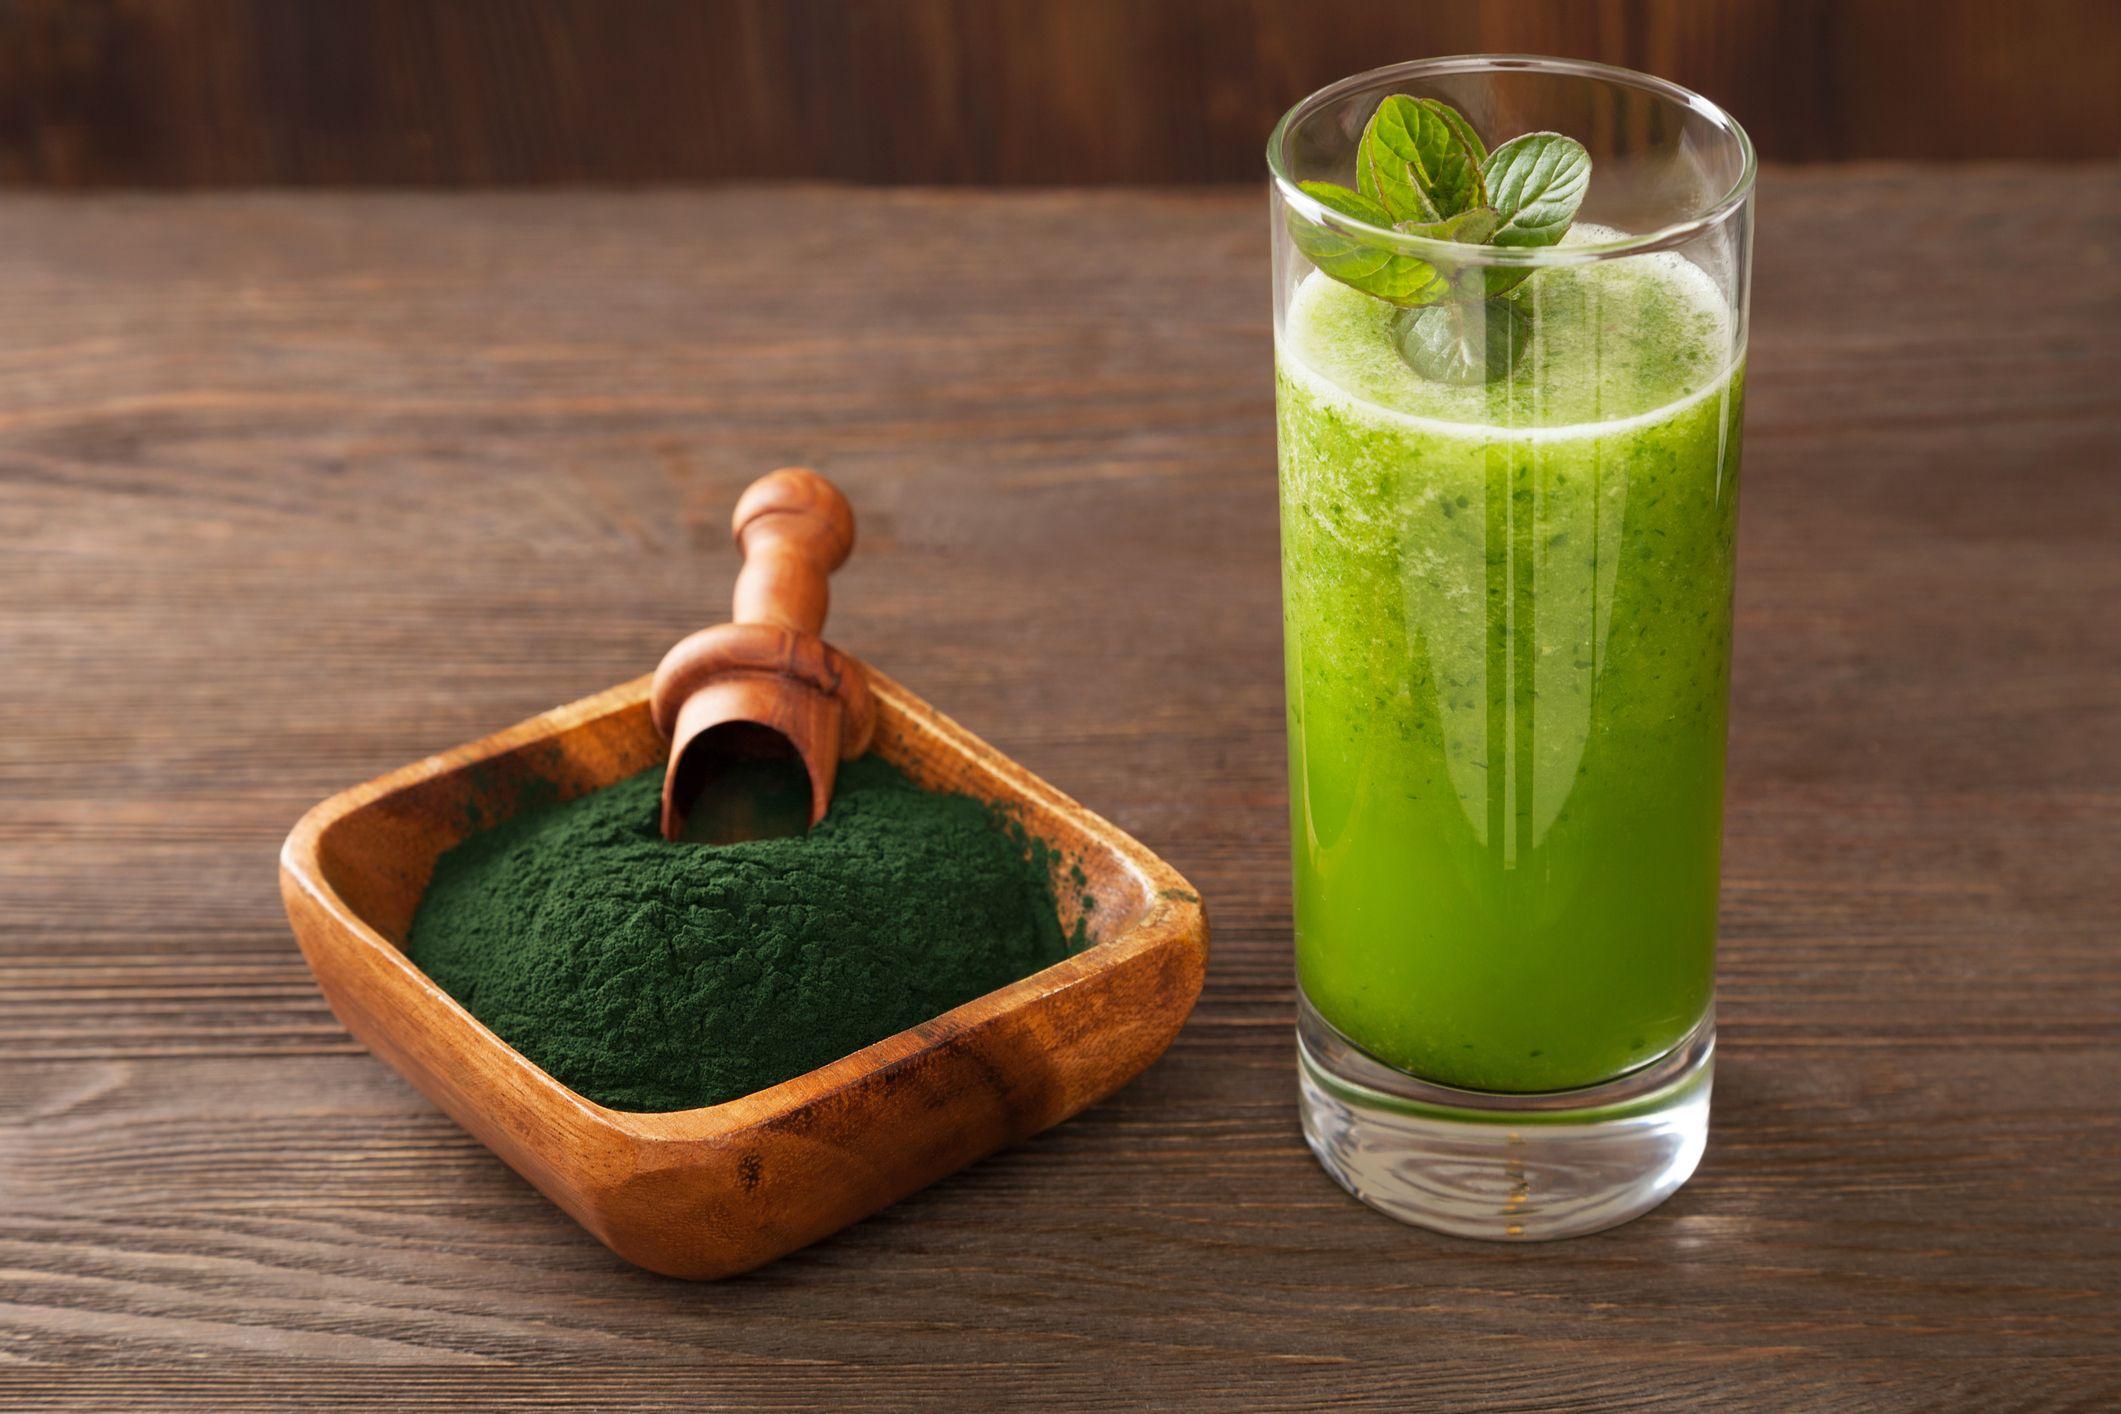 La chlorella es un superalimento rico en proteínas, aminoácidos esenciales, ácidos grasos vegetales, fibra, vitaminas y minerales.